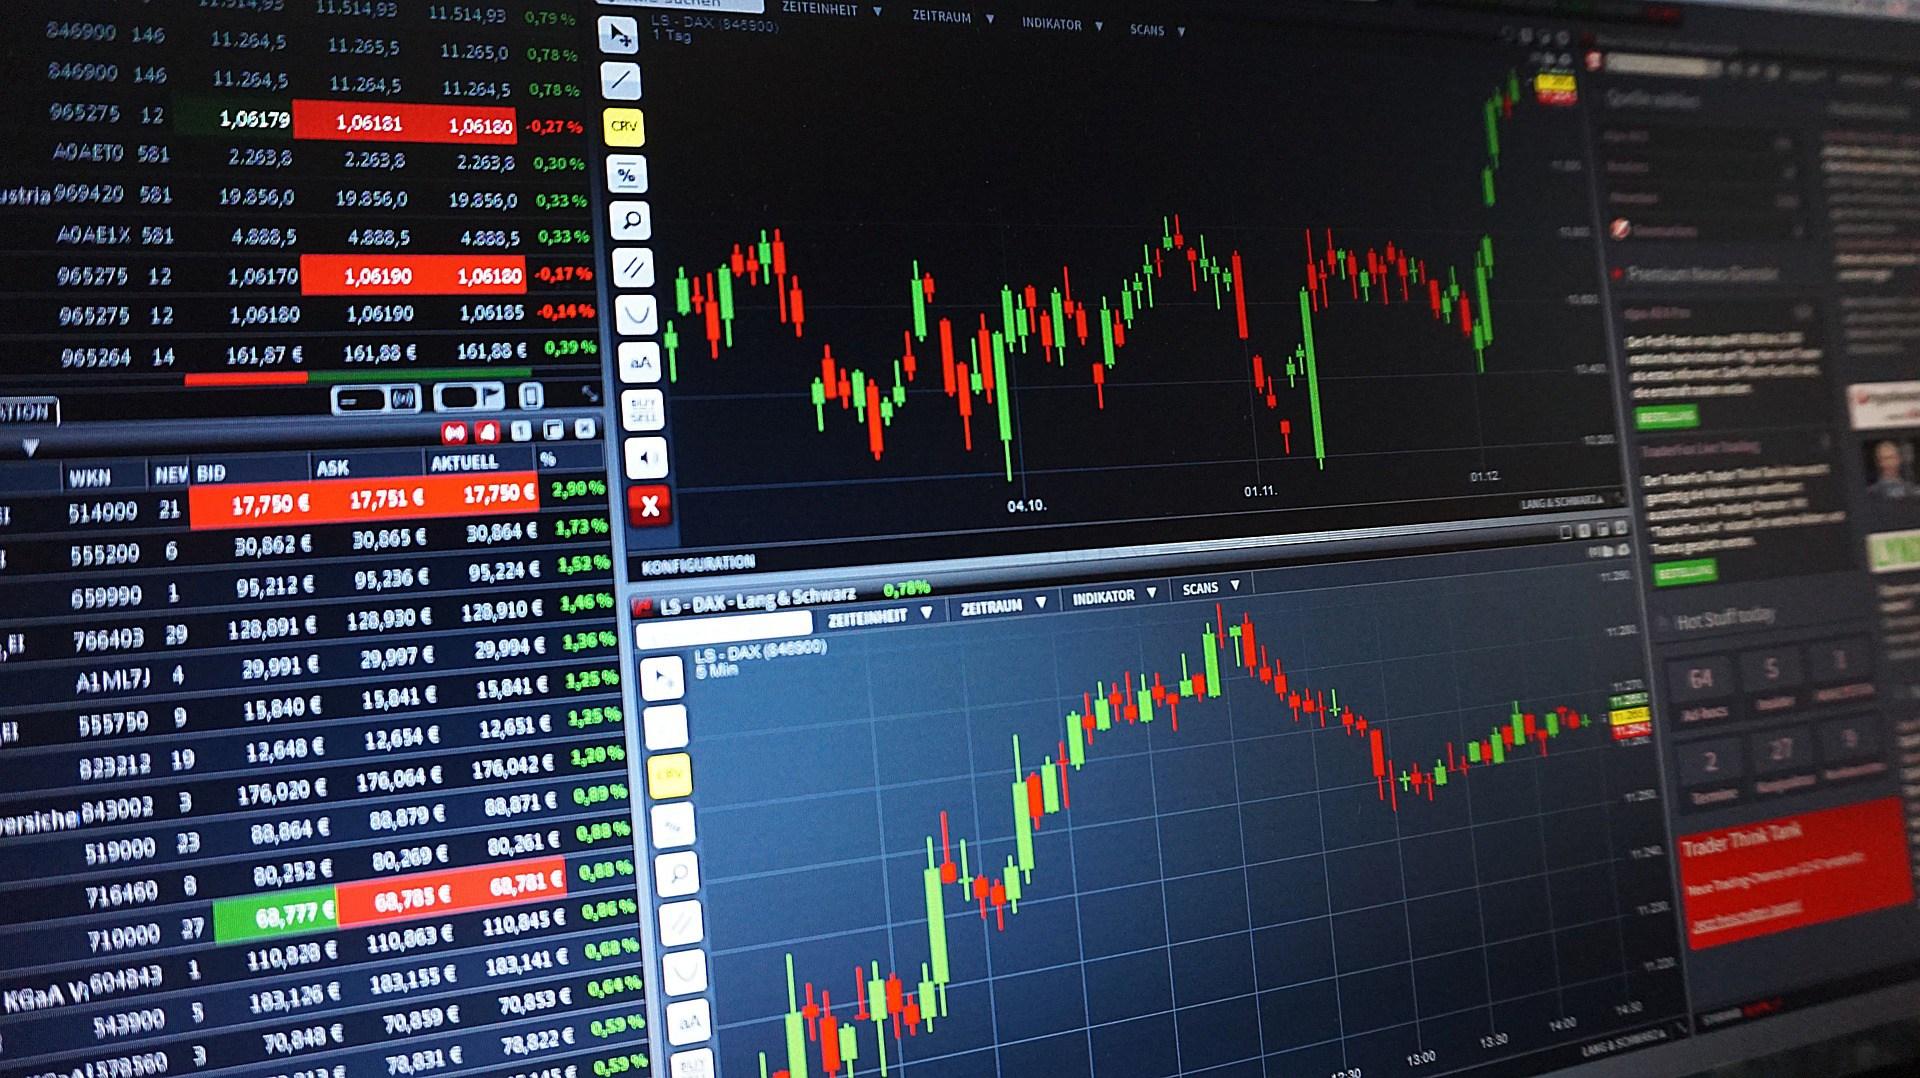 Comportamento do mercado financeiro antes das Eleições de 2018